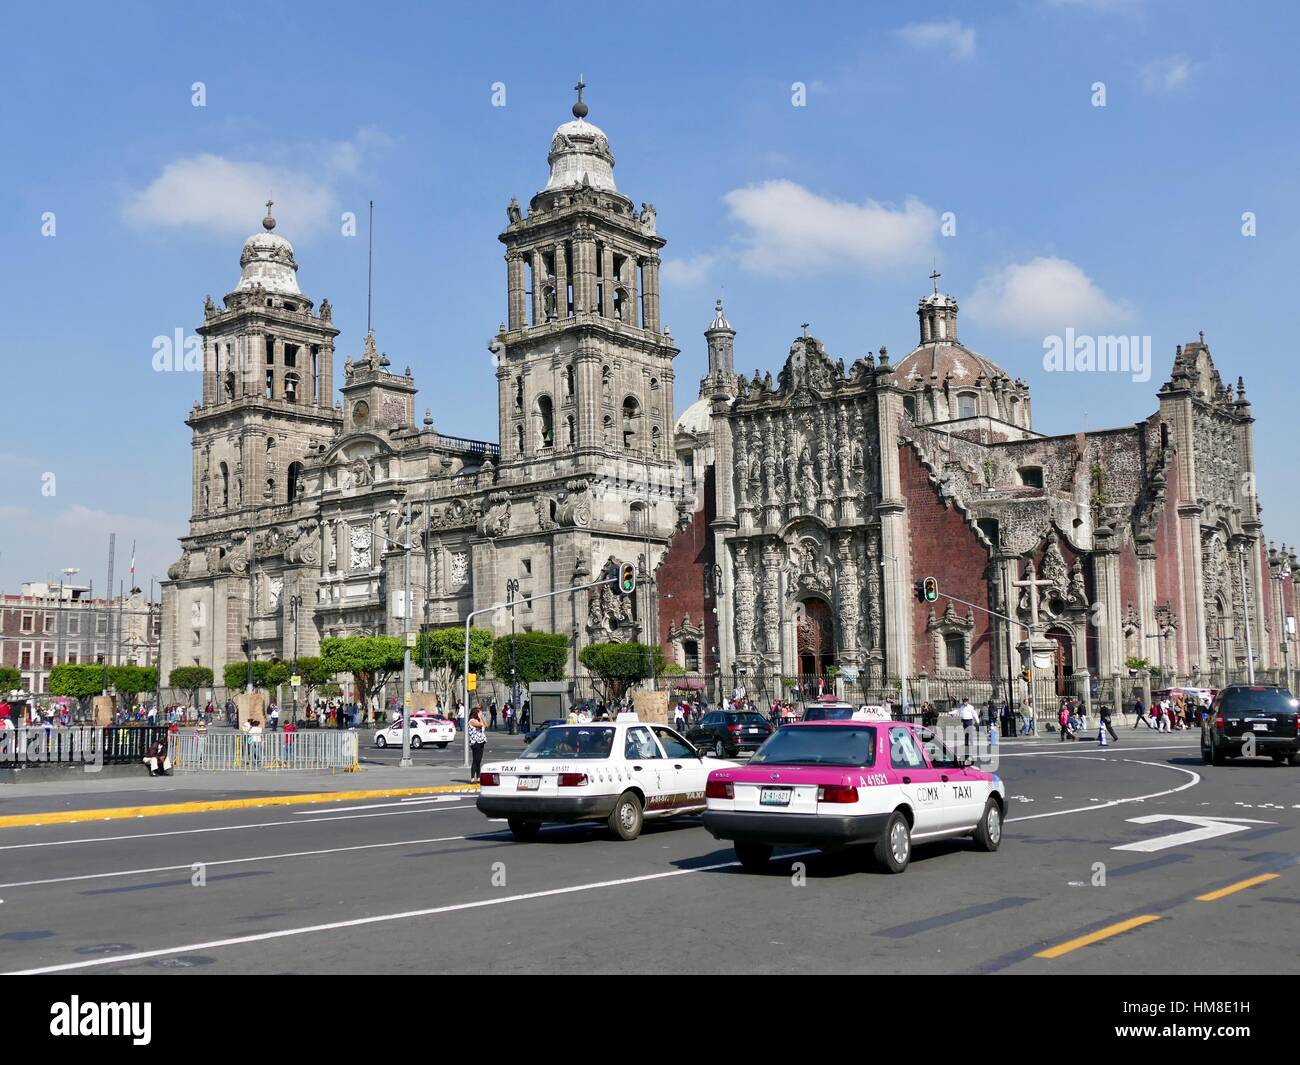 Cathedral Metropolitan de la Ciudad de México, and street scene in front with CDMX taxi cab. Mexico City, Mexico - Stock Image